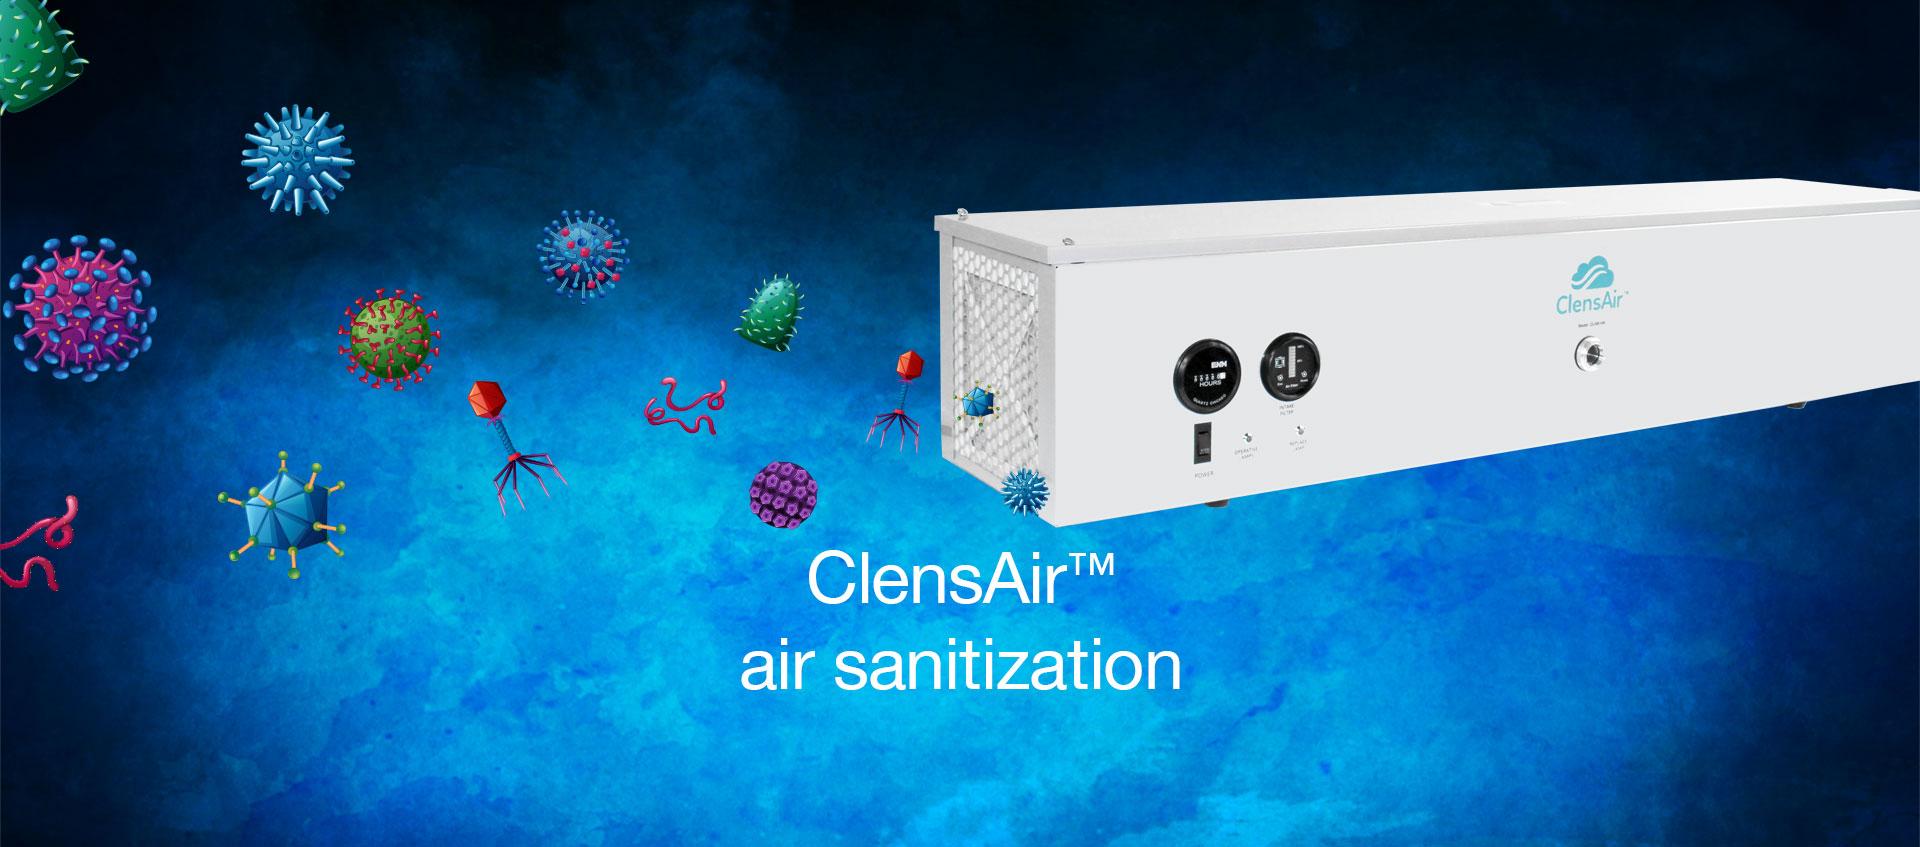 ClensAir™ air sanitization